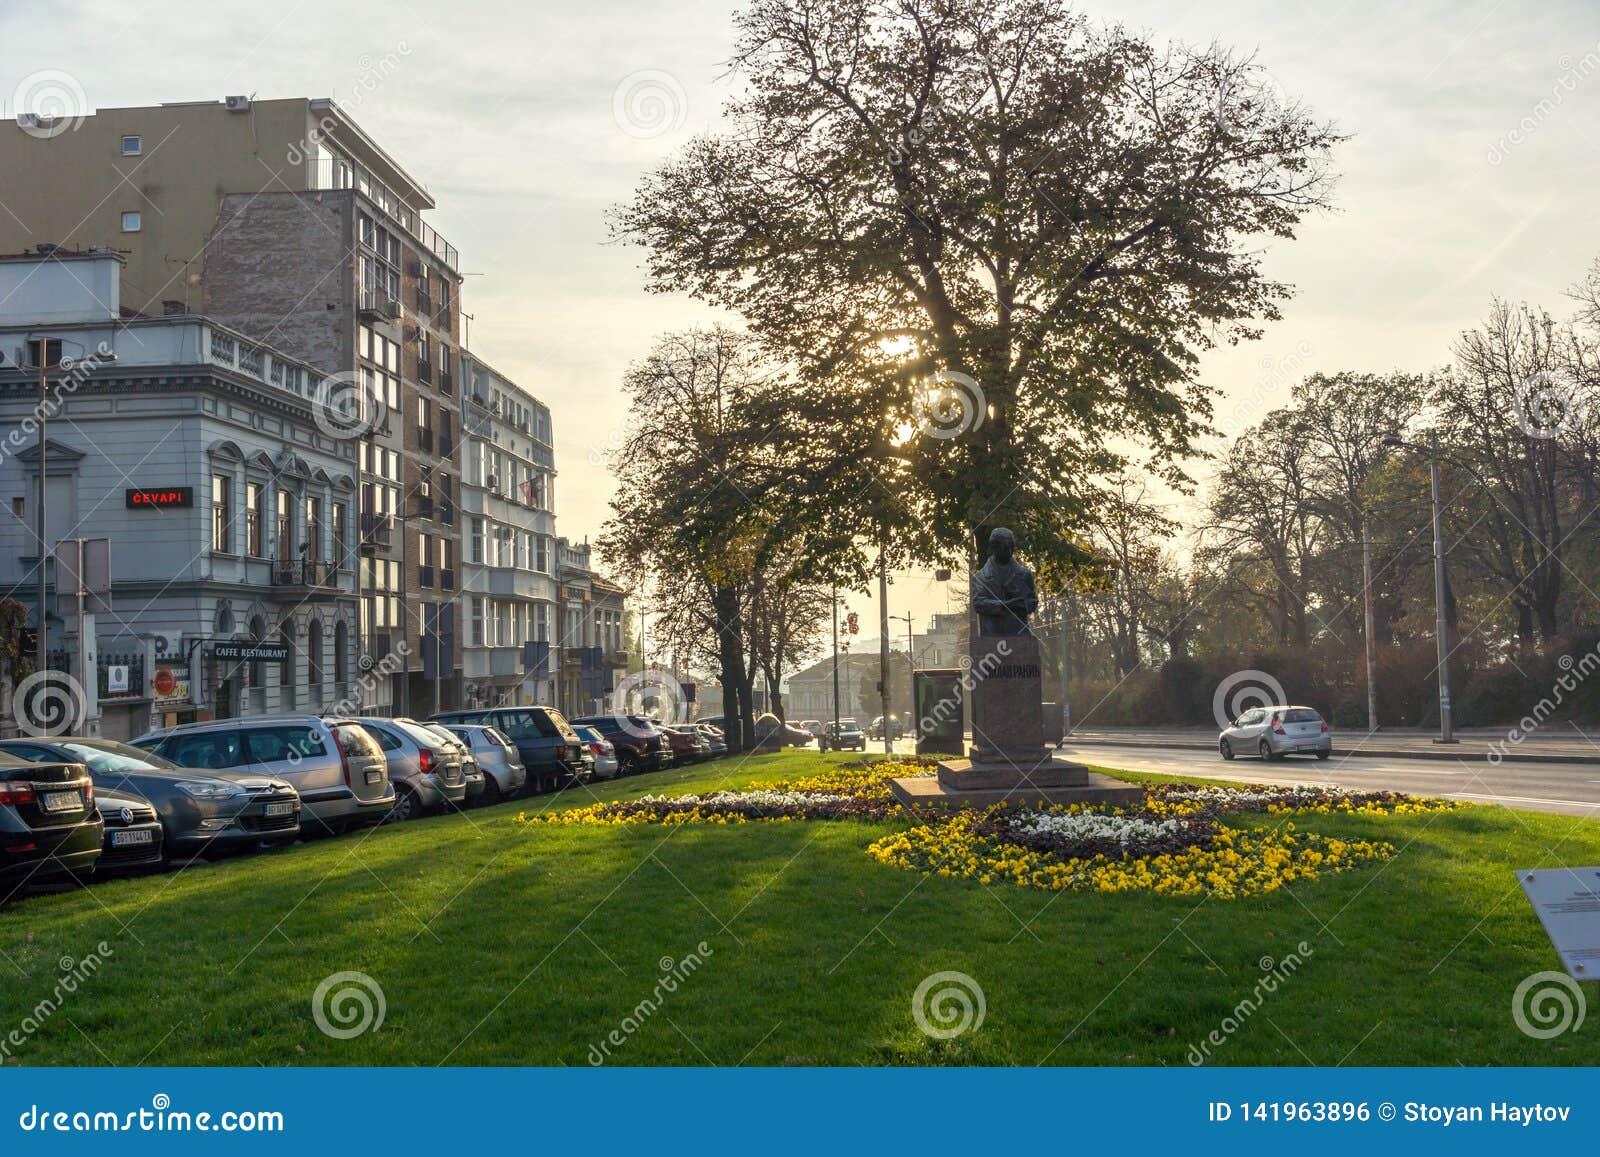 BELGRADO, SERBIA - 10 NOVEMBRE 2018: Costruzione e via tipiche nel centro della città di Belgrado, Serbia